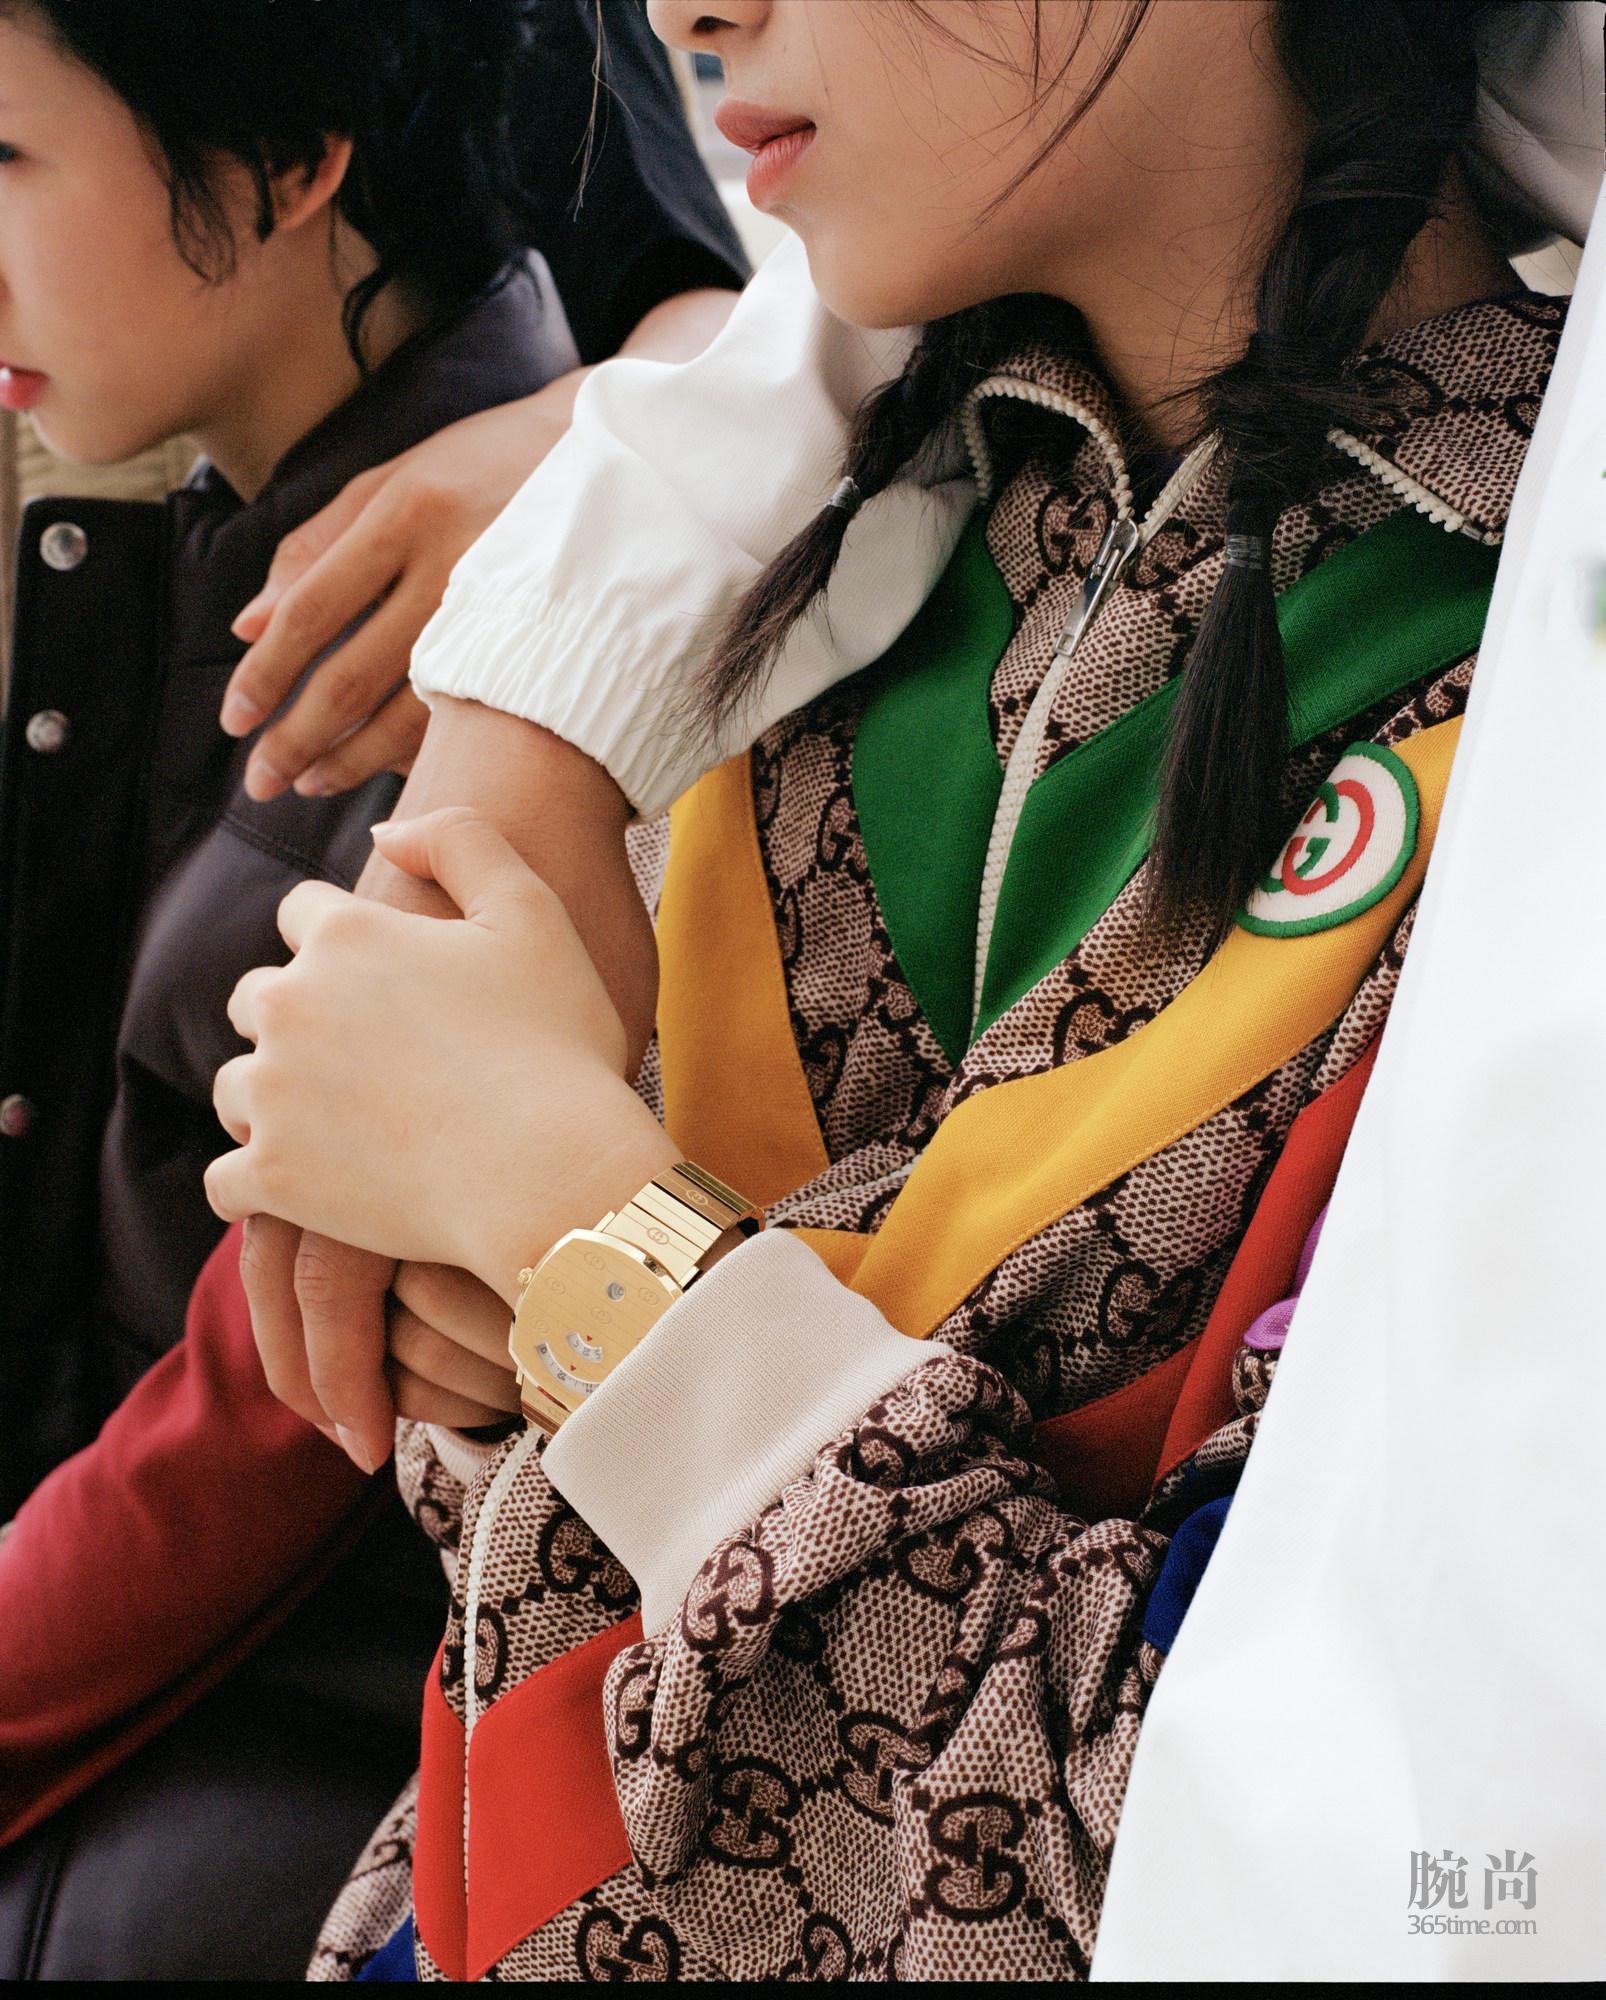 #GucciGrip project_Shanghai_08_Ph. Hailun Ma & Bilal Ali_1.jpg